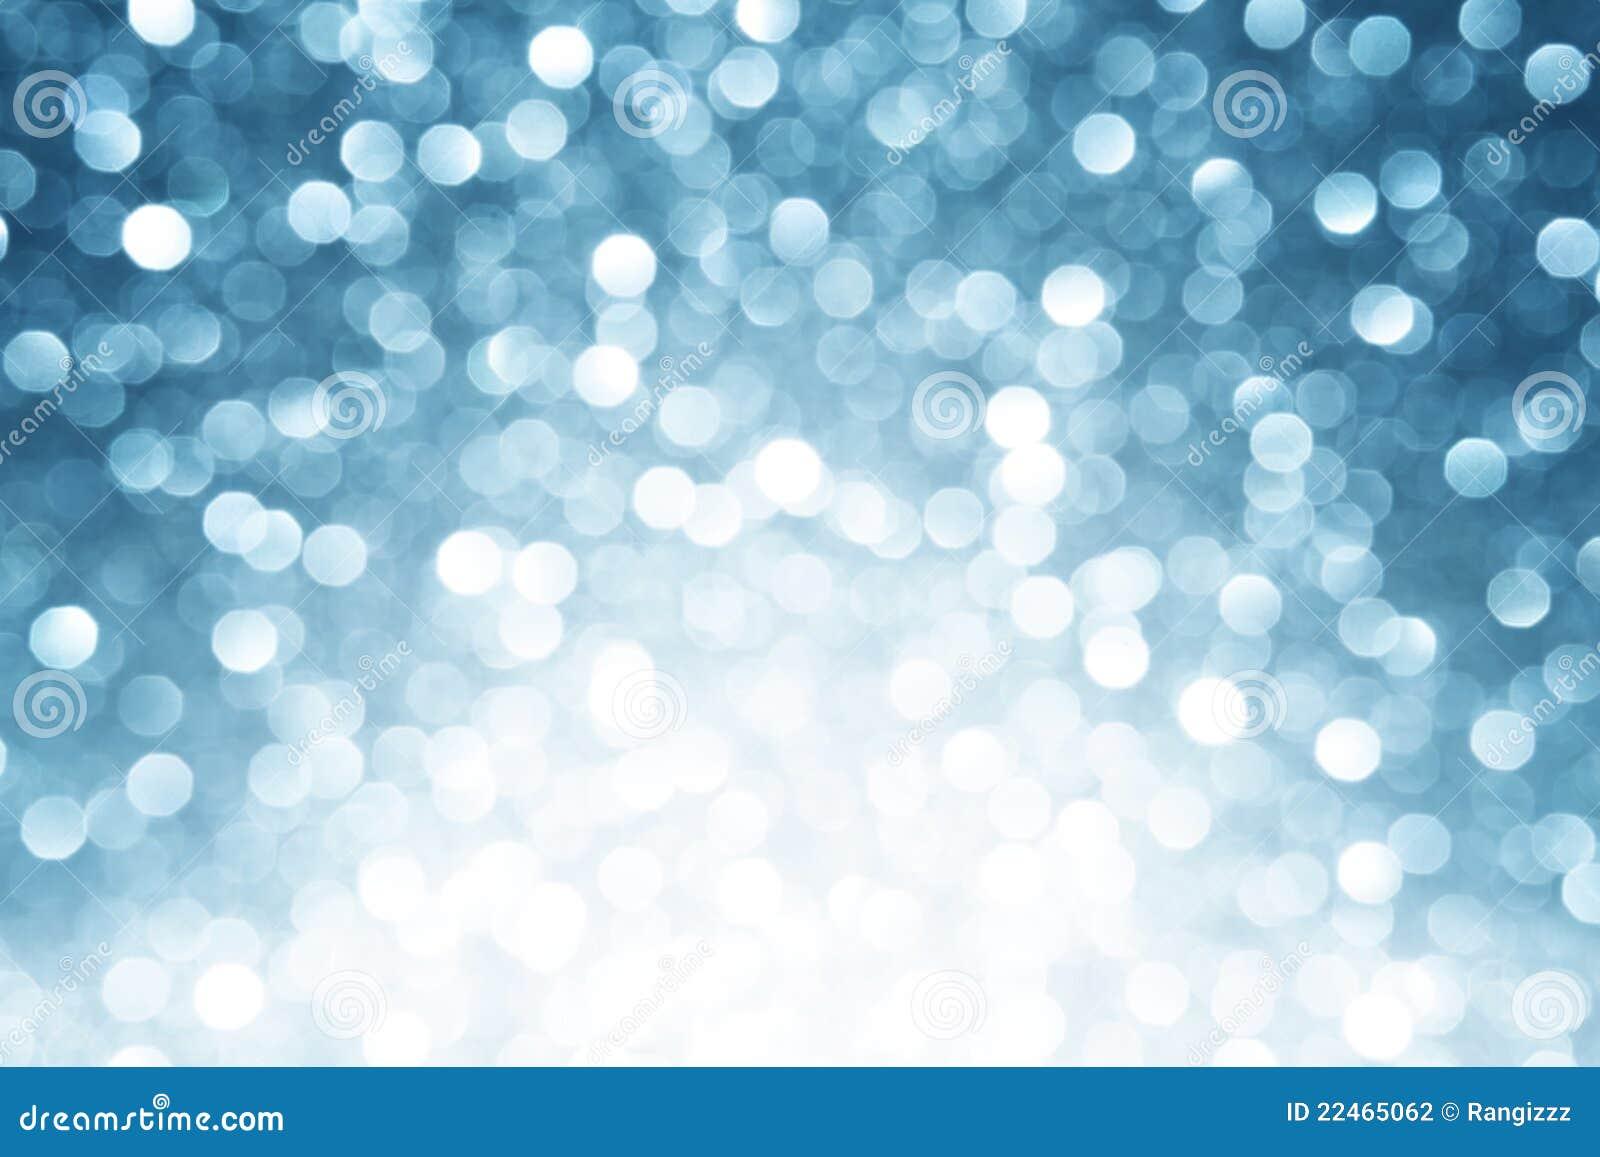 Blå defocused lampabakgrund